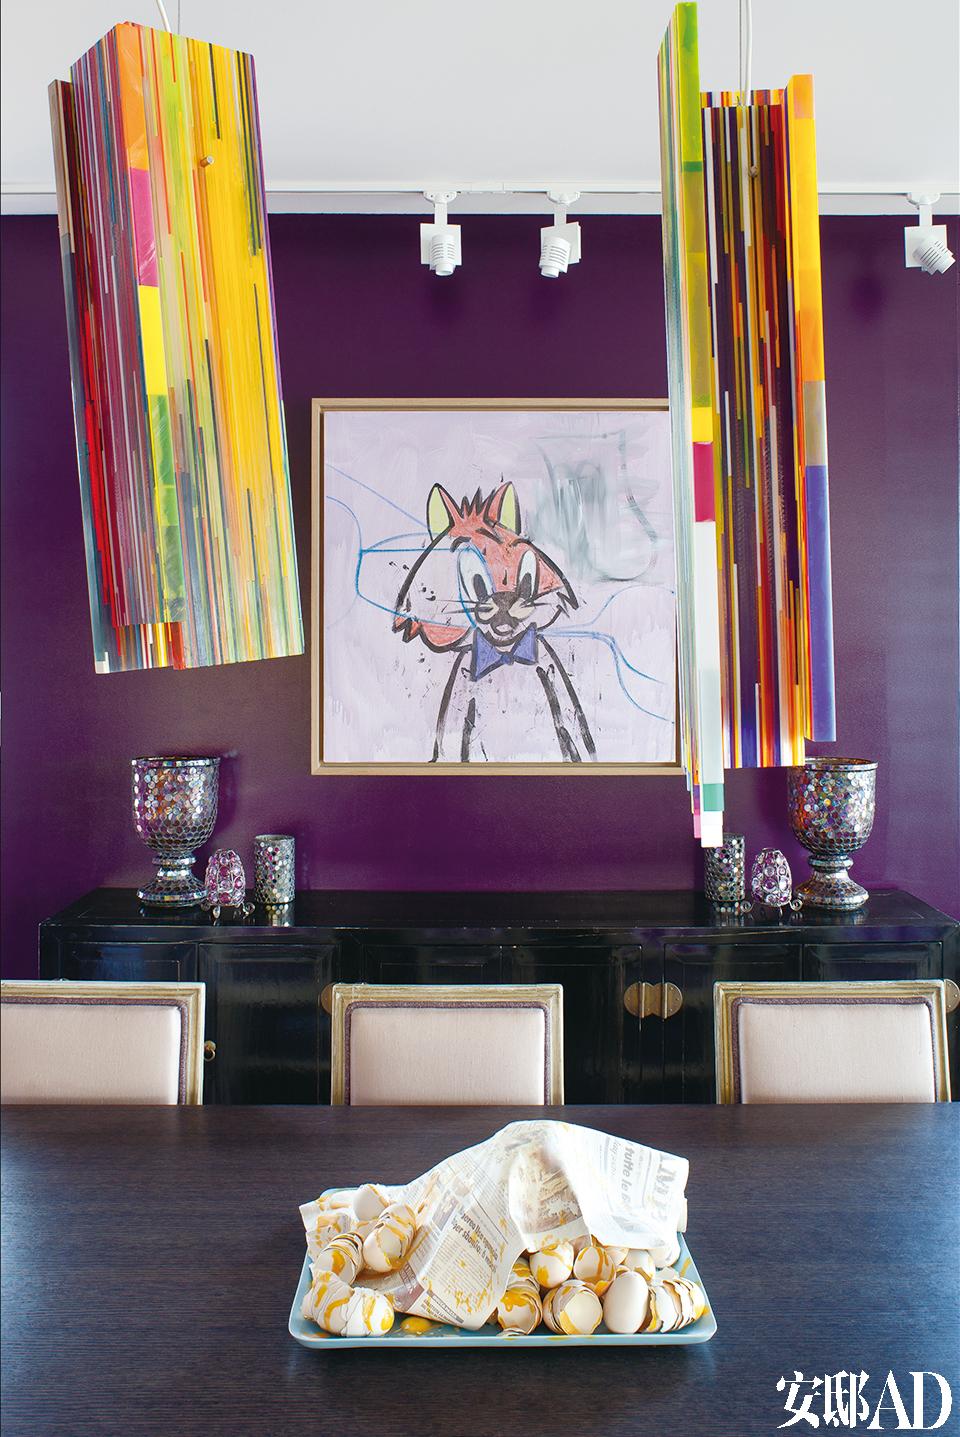 餐厅里悬挂着To b i a sRehberger的多彩丙烯酸树脂吊灯,墙上是艺术家Georges Condo的作品,底下有源自中国的旧式餐橱,餐橱上面是从跳蚤市场淘回的瓮和花瓶等物件。